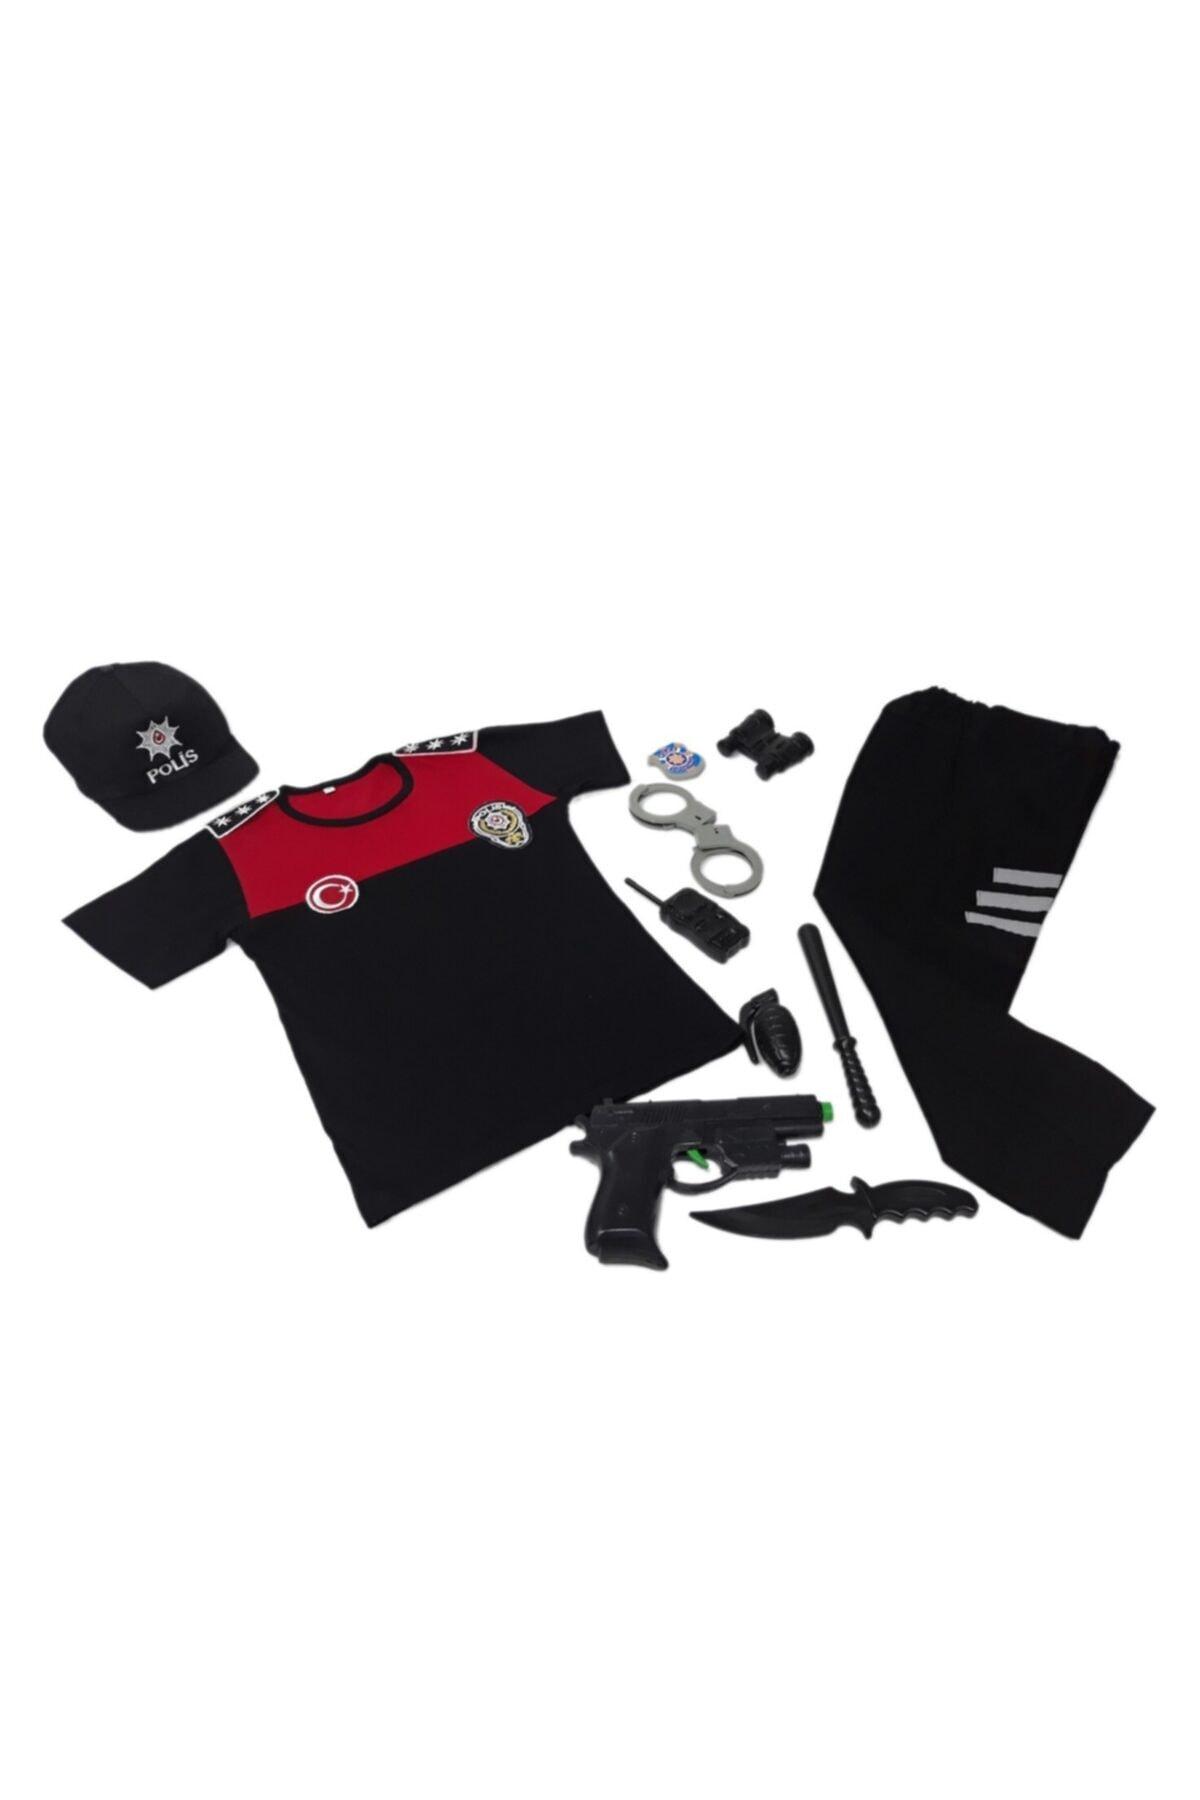 لباس خاص بچه گانه قیمت مناسب برند Liyavera رنگ قرمز ty100312562